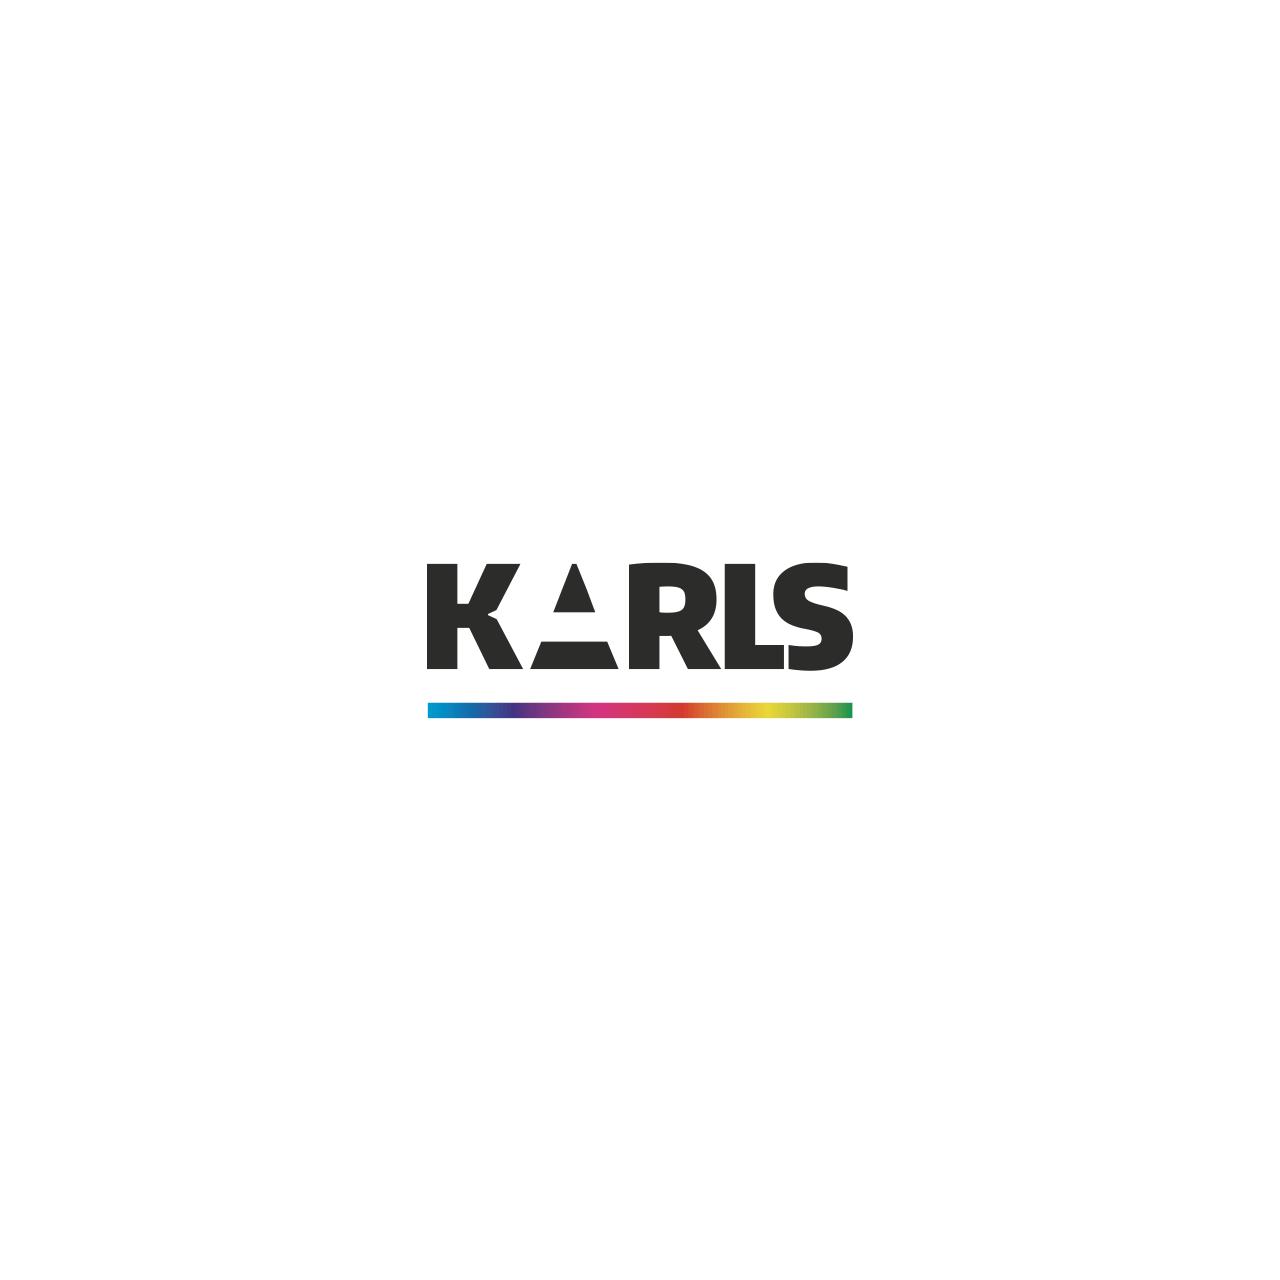 c11-karls